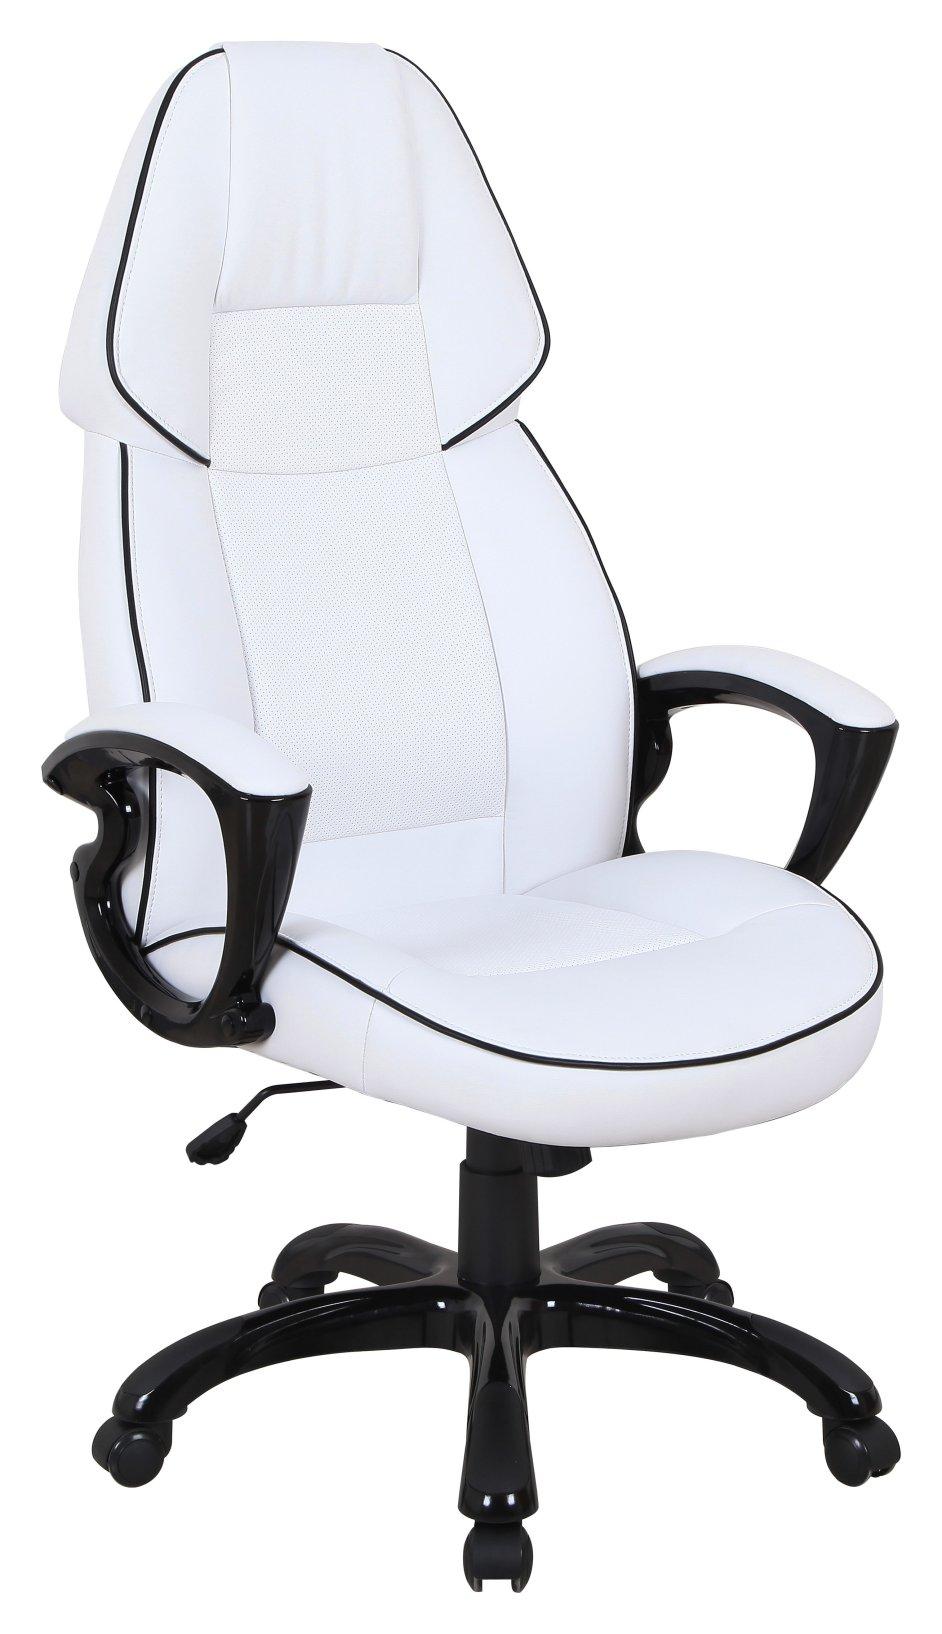 coussin chaise de bureau fabulous lovehome coussin lombaire chaise de bureau coussin dos. Black Bedroom Furniture Sets. Home Design Ideas